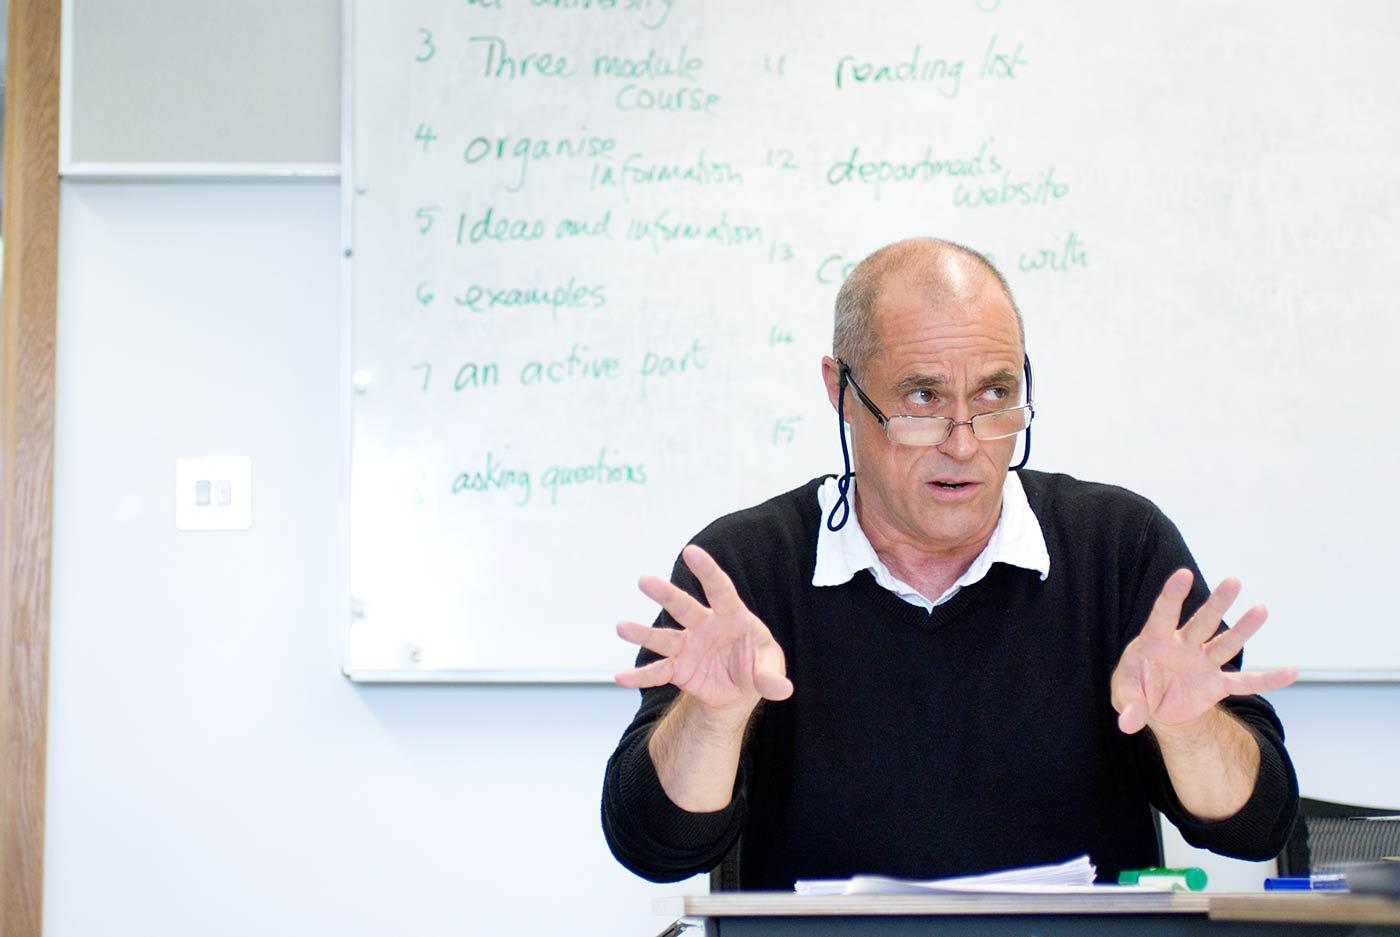 40%INTO东英吉利大学中心老师拥有硕士或博士学历